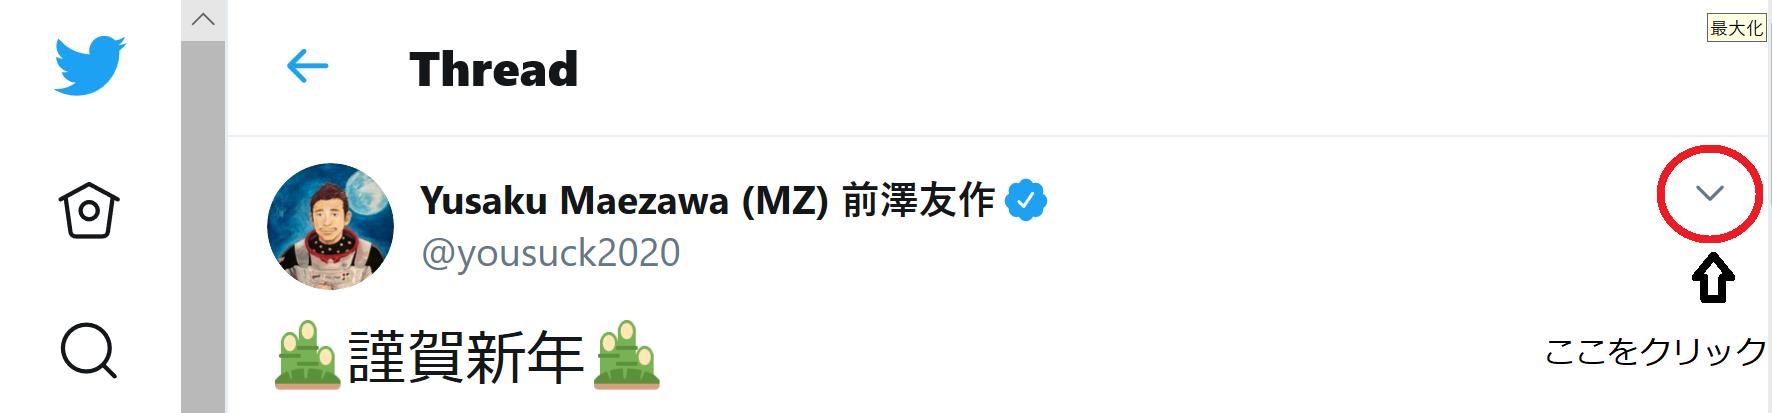 前澤社長お年玉2020は締切日1/7!応募は簡単!確率はジャンボの3倍!